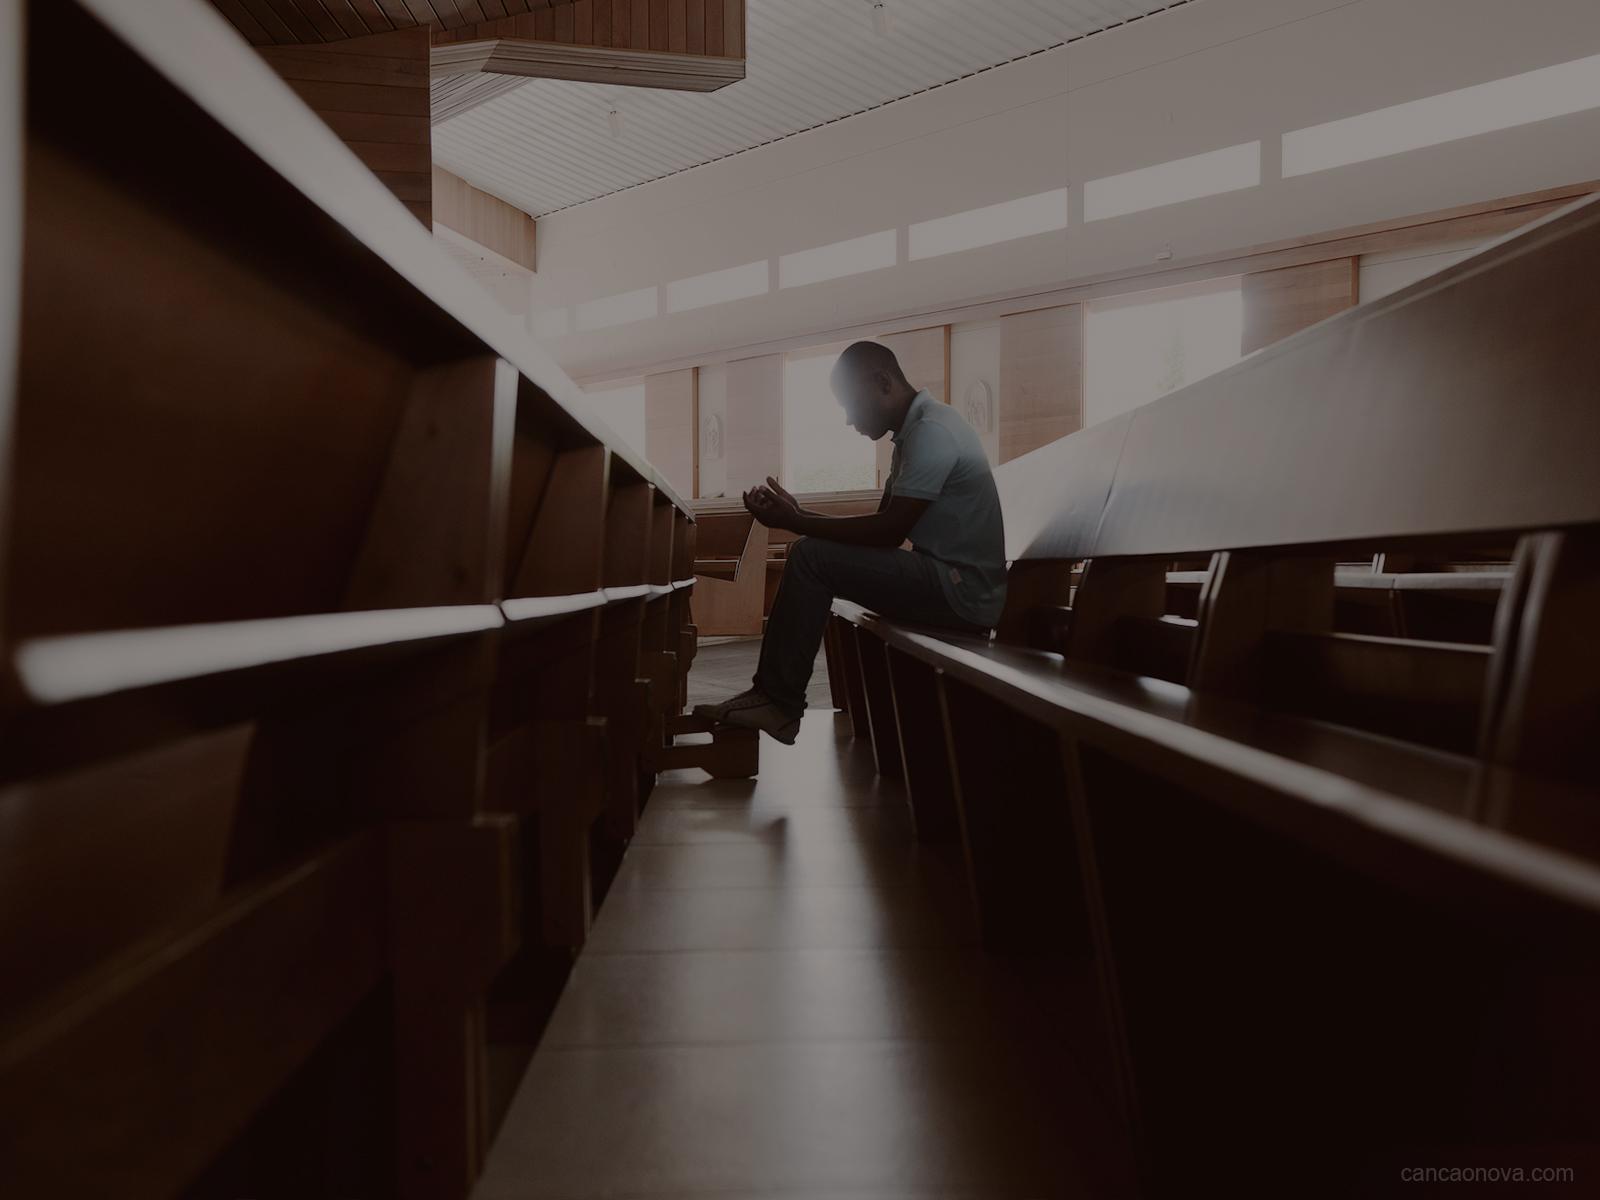 Qual é a formar de buscarmos e encontramos com Deus